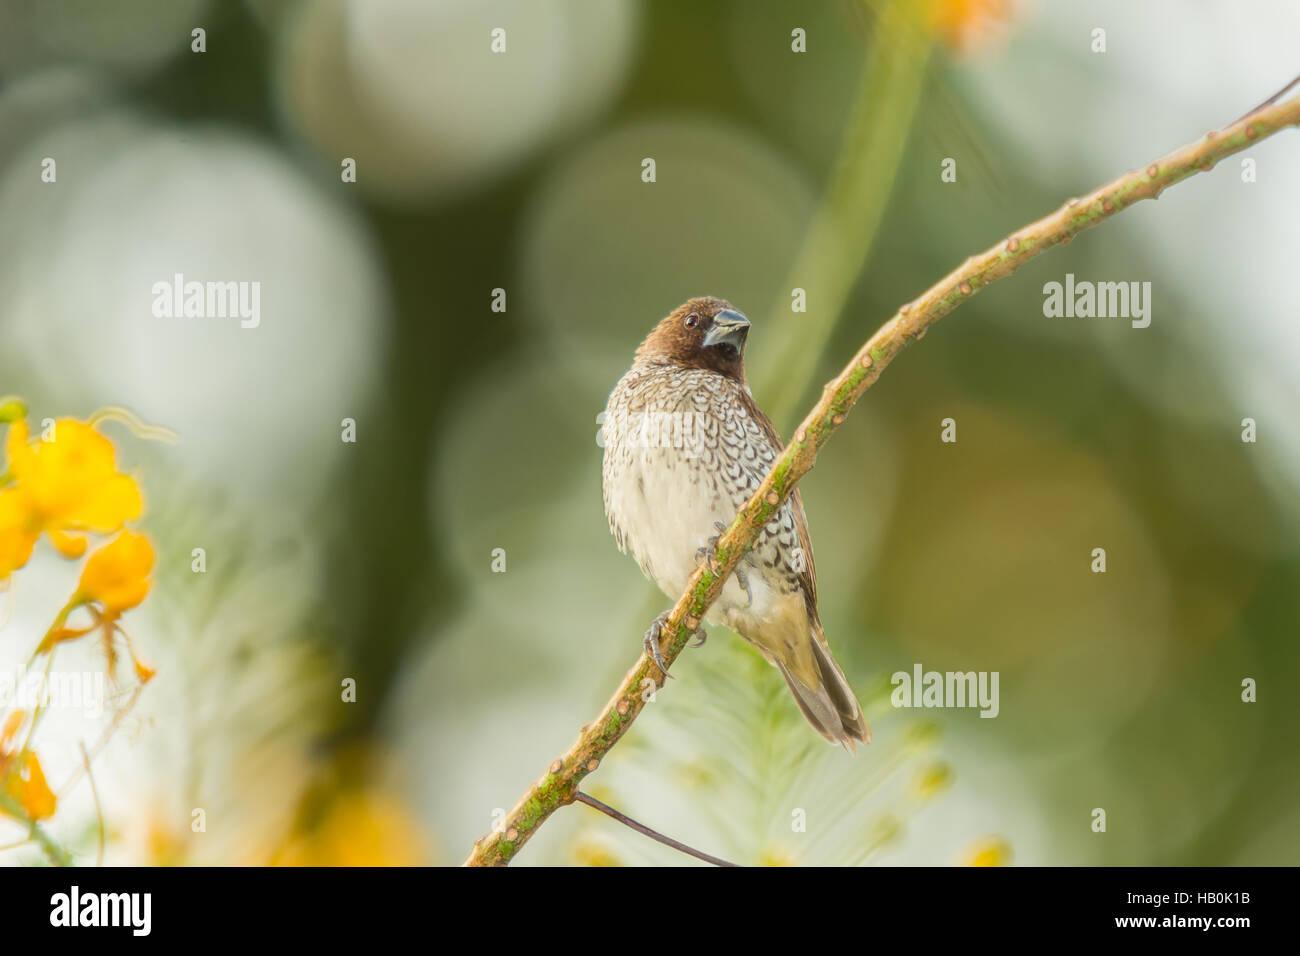 Escamosa-breasted Munia Pájaro en el jardín Imagen De Stock